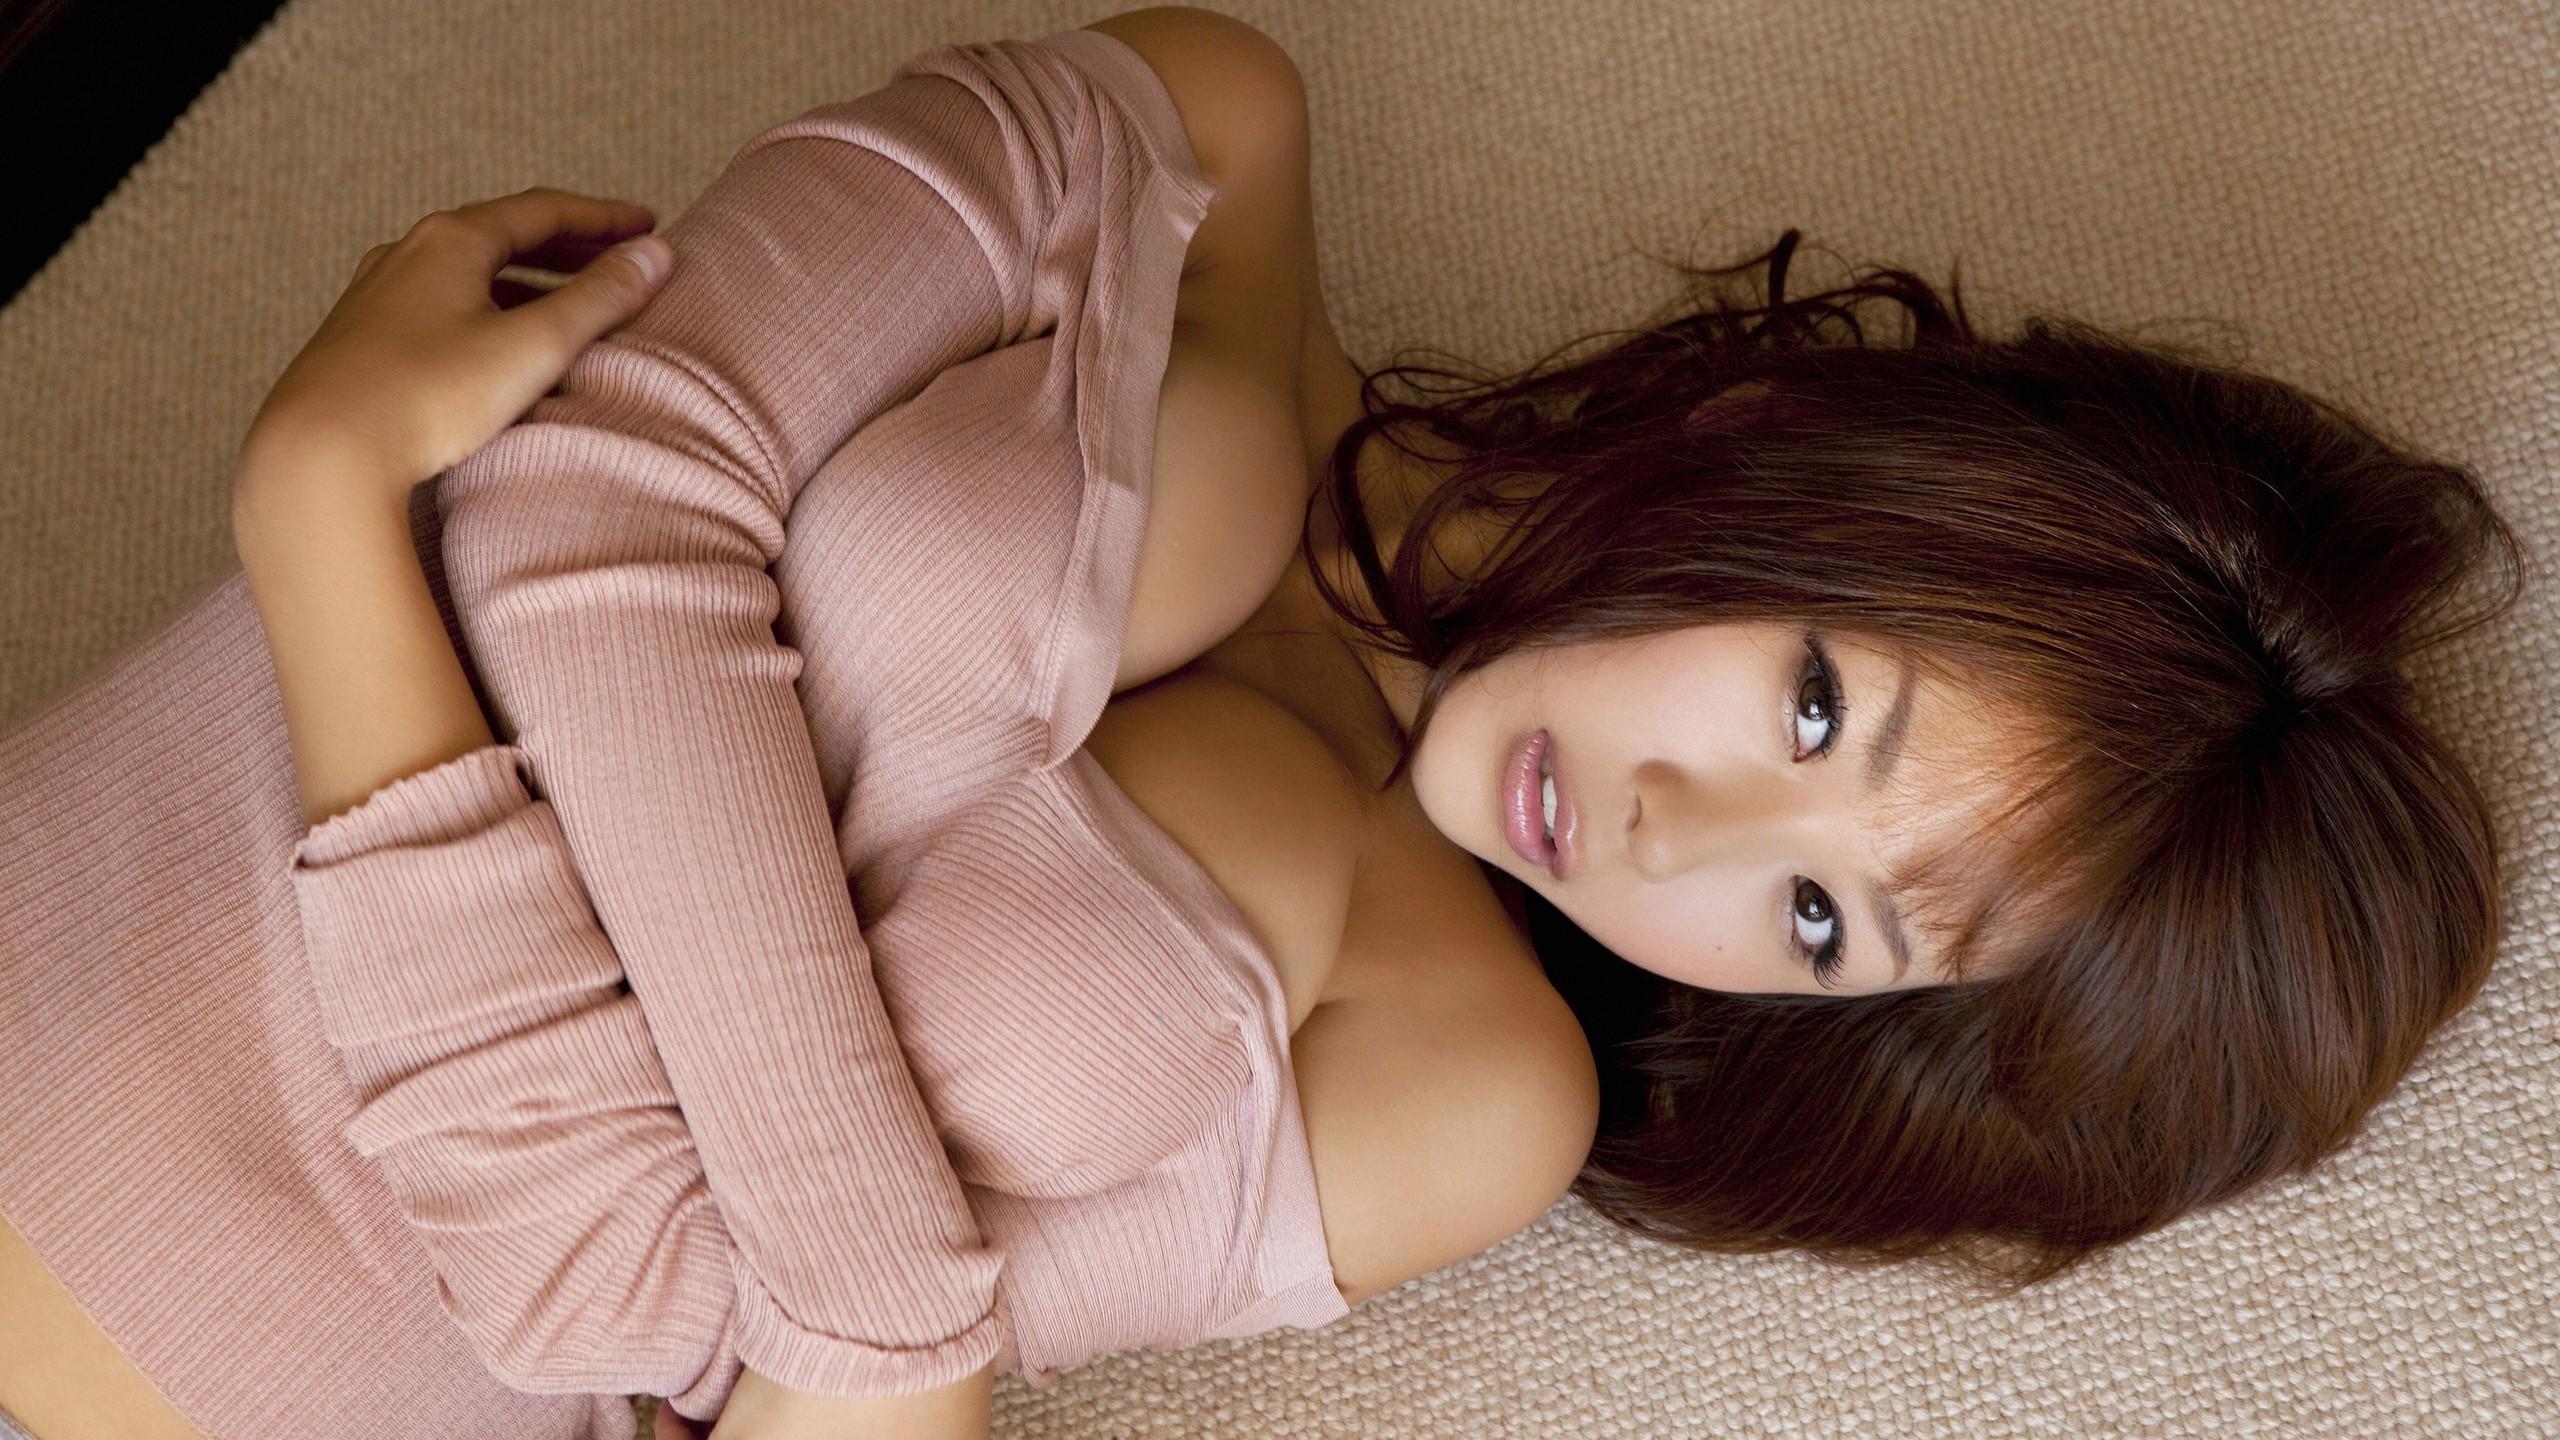 Hot short videos of japan — img 14